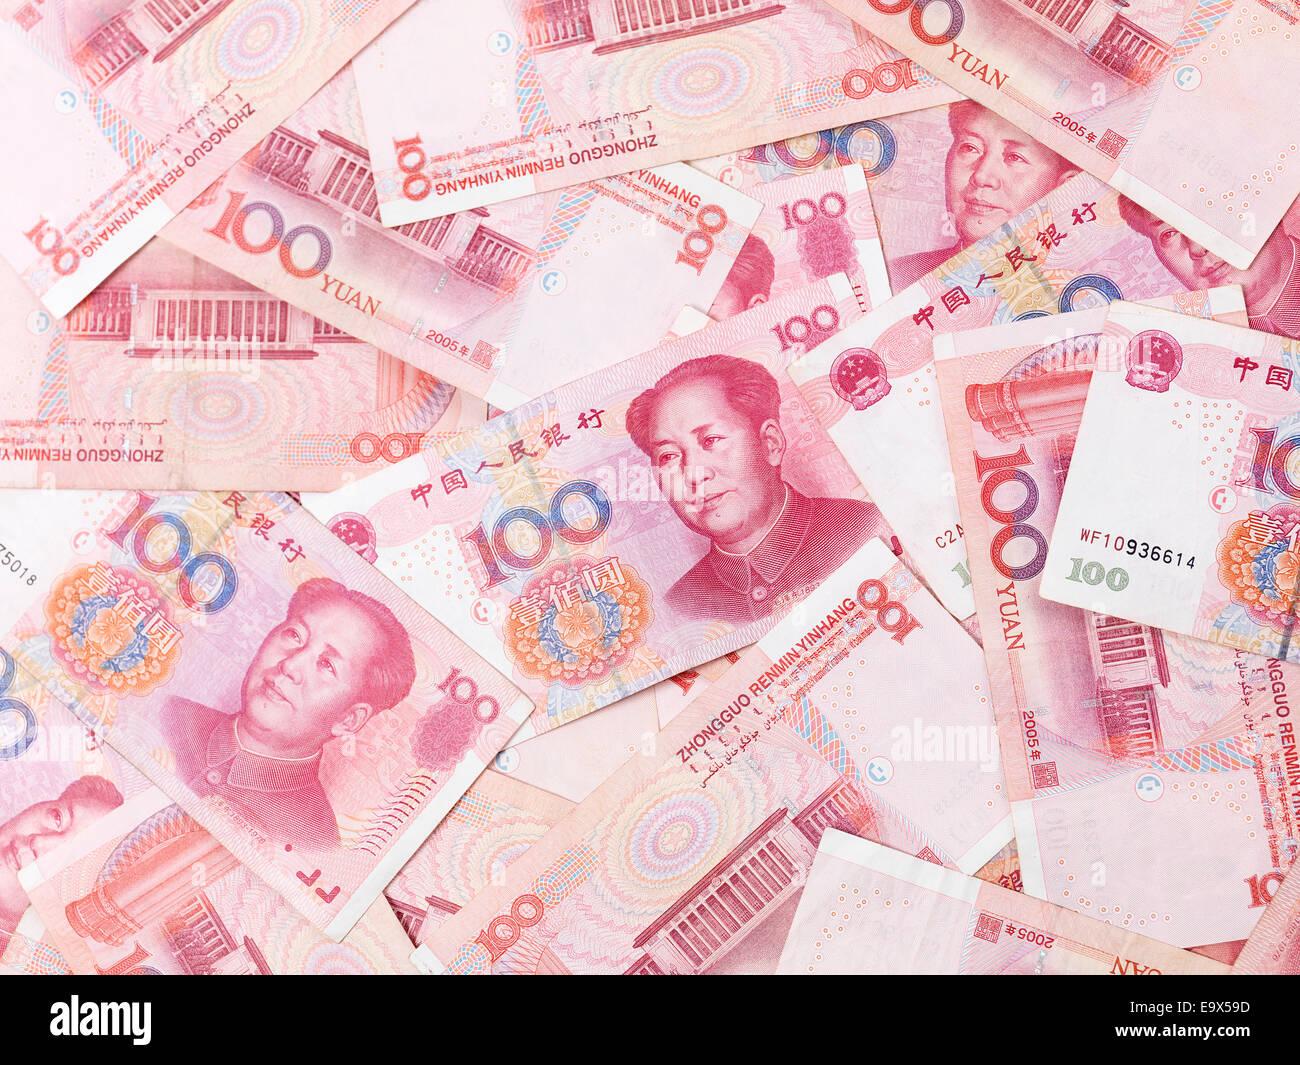 Chinesische Yuan 100 Rechnungen Renminbi Geld Währung Hintergrund Stockbild